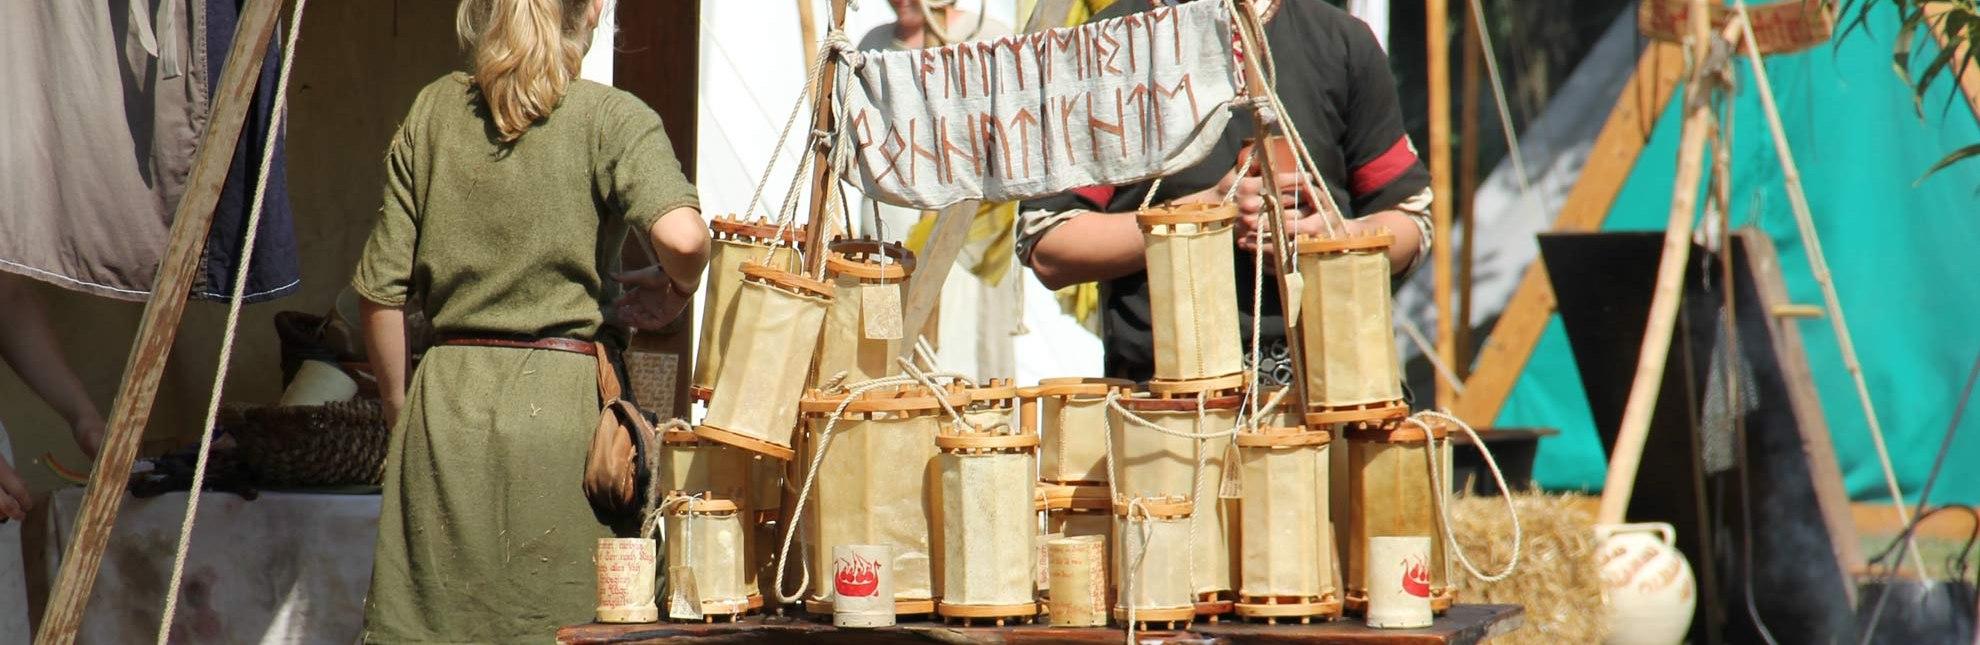 Eine Woche lang treffen sich mittelalterliche Völker uns Stämme auf der Ratzeburger Schlosswiese zum Racesburg Wylag - ein Spaß für die ganze Familie., © Carina Jahnke / HLMS GmbH